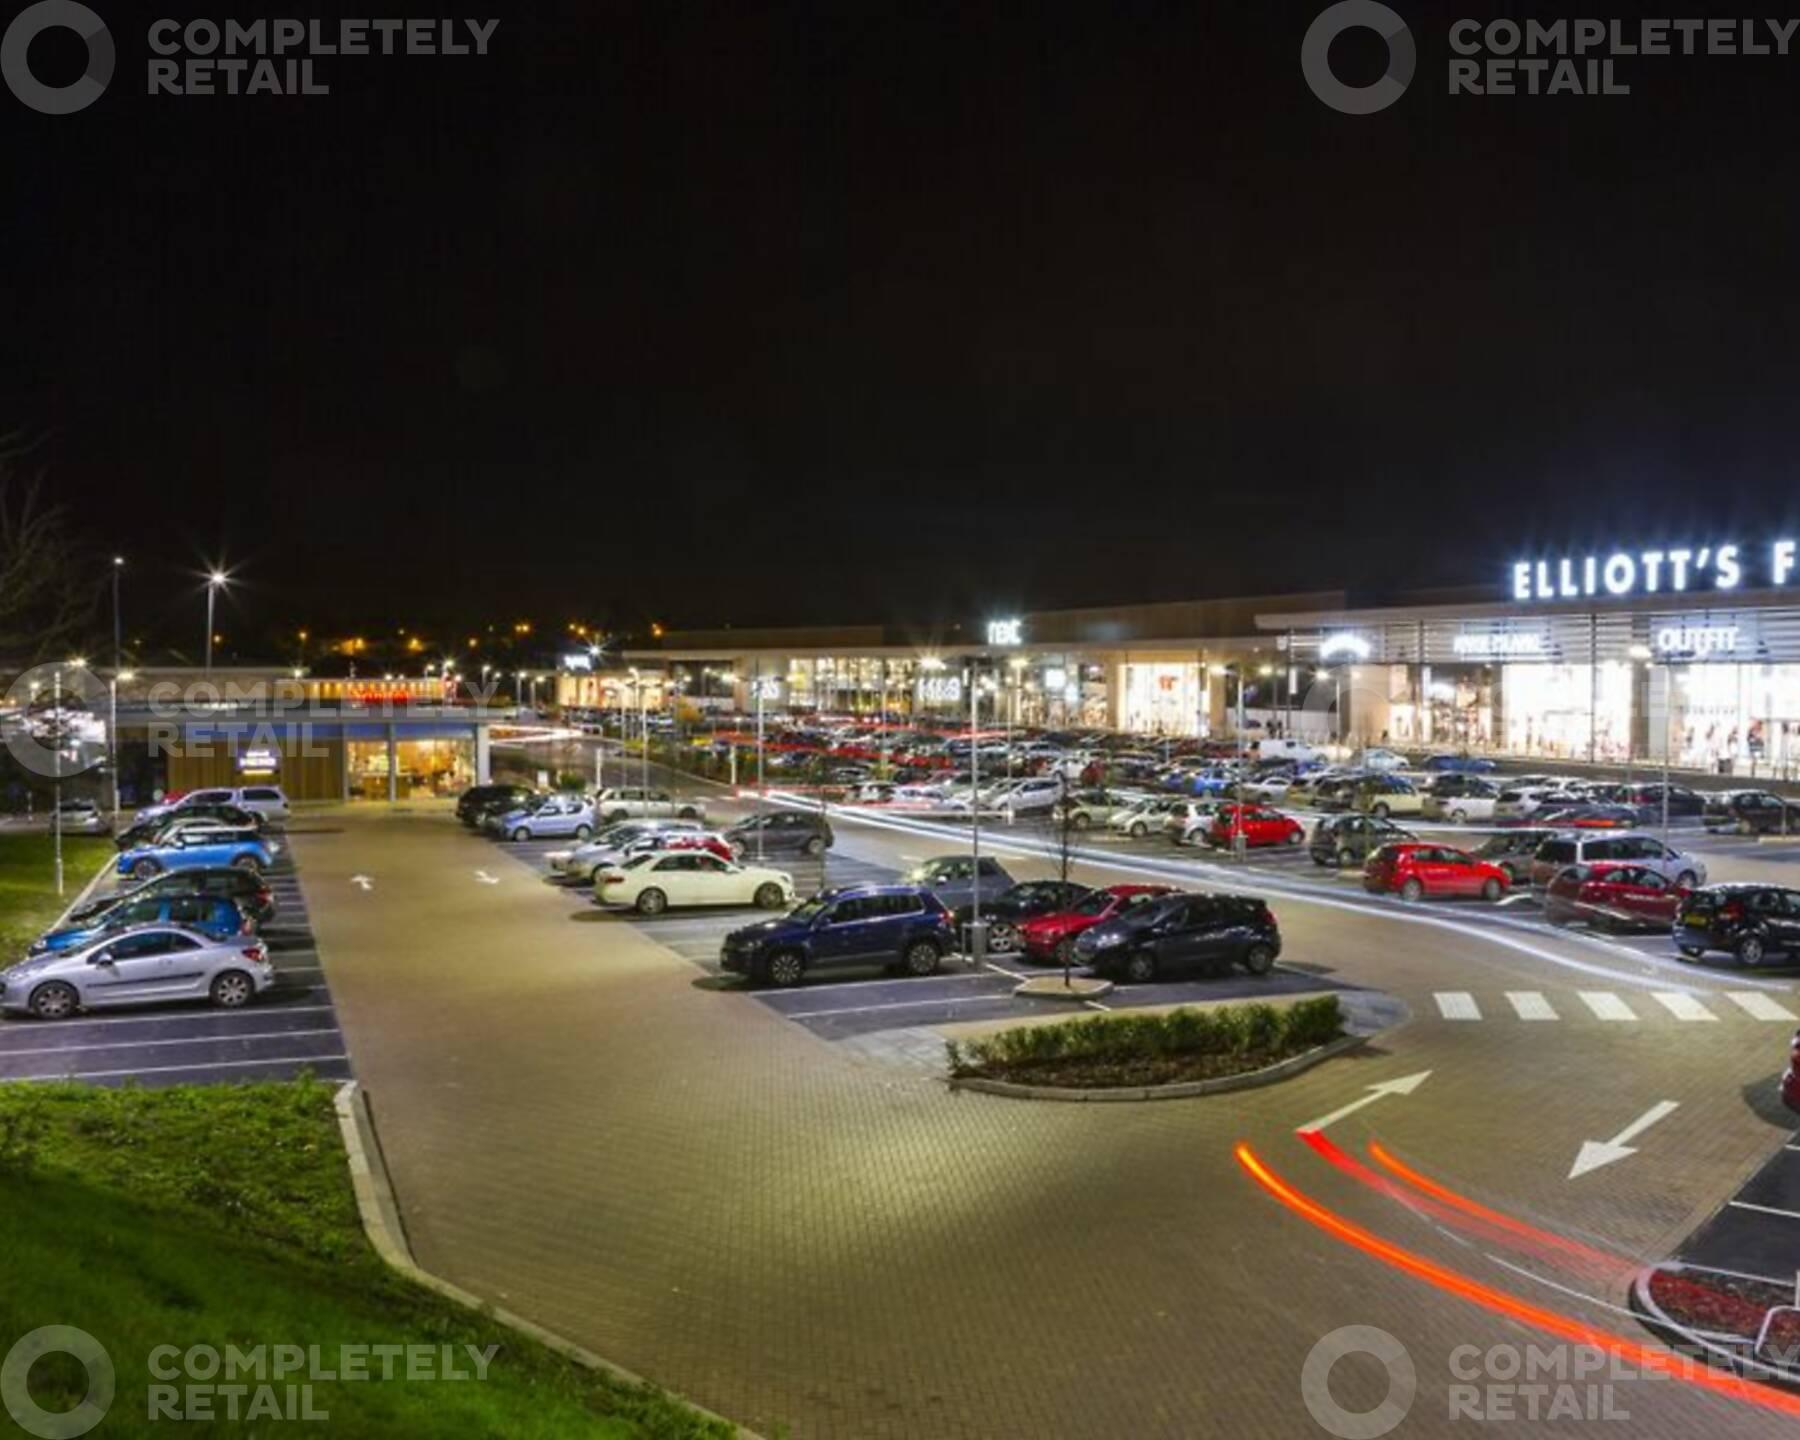 Elliott's Field Shopping Park